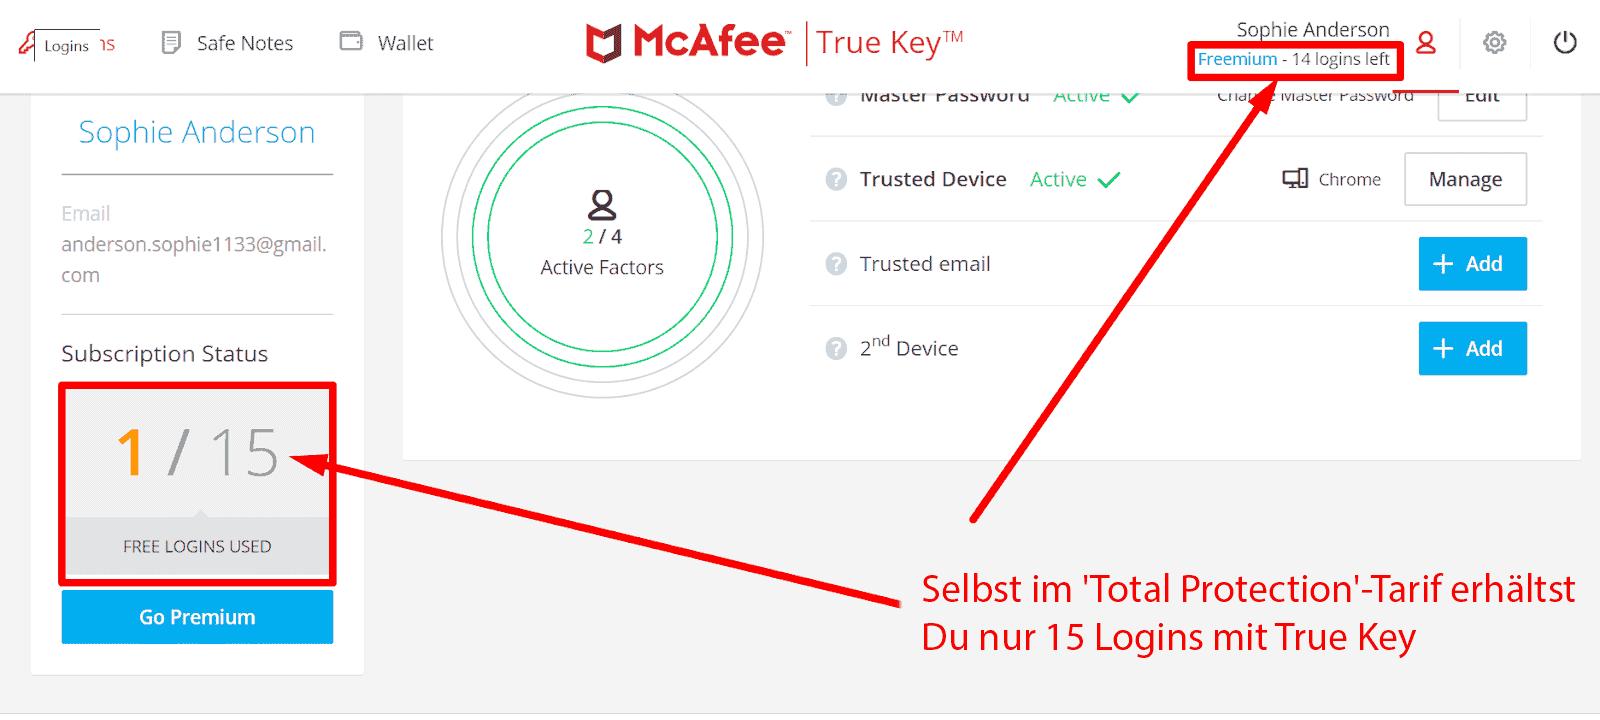 McAfee Sicherheitsfunktionen